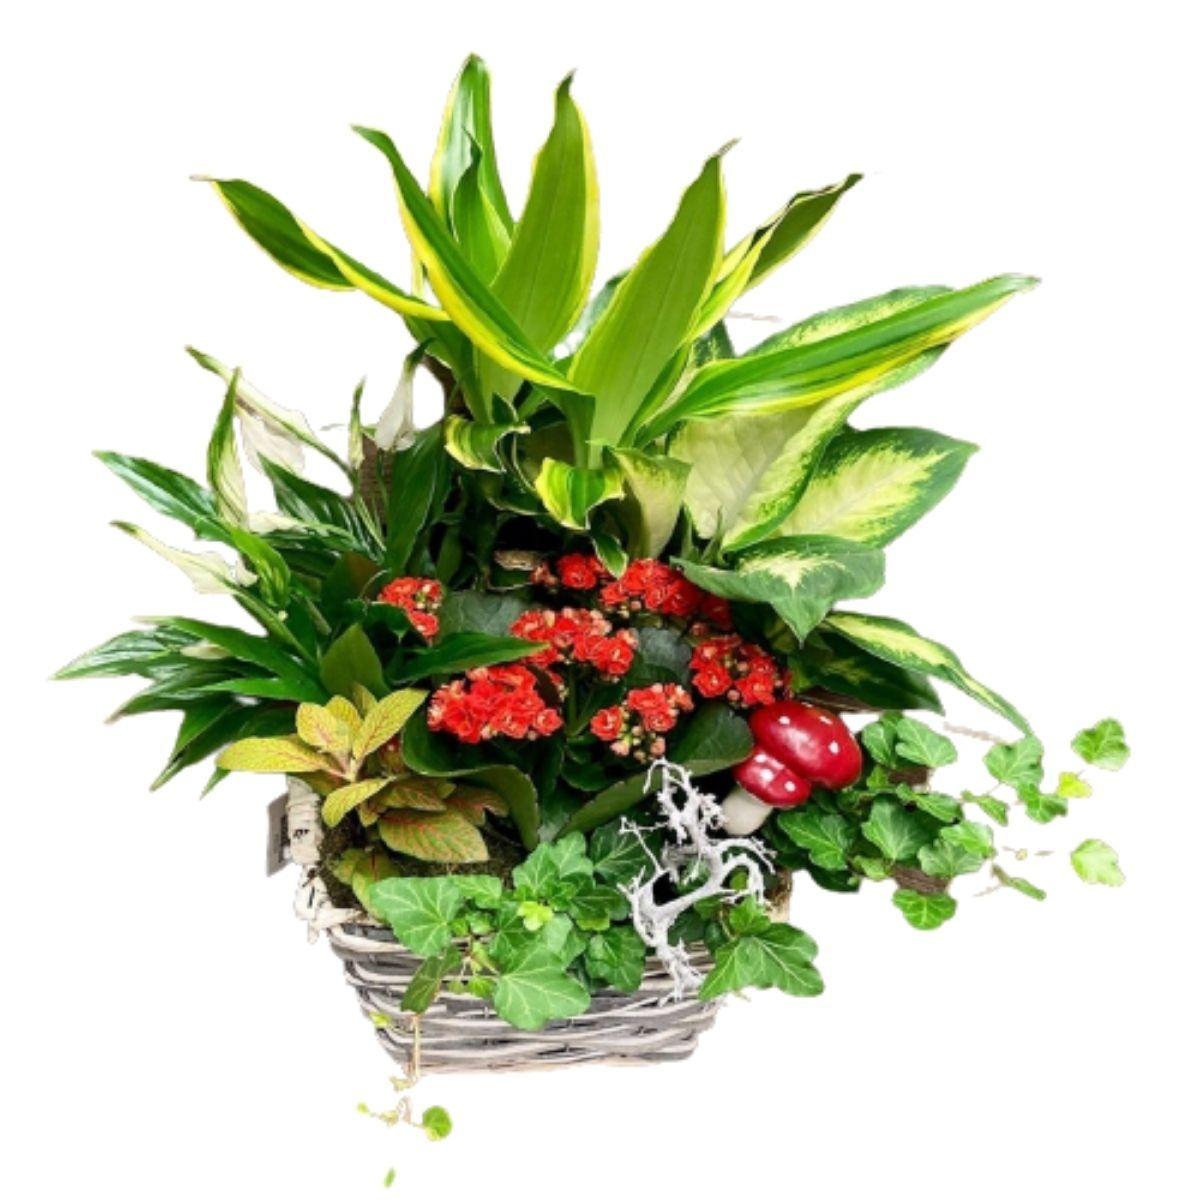 Centro/Cesta de plantas pequeña